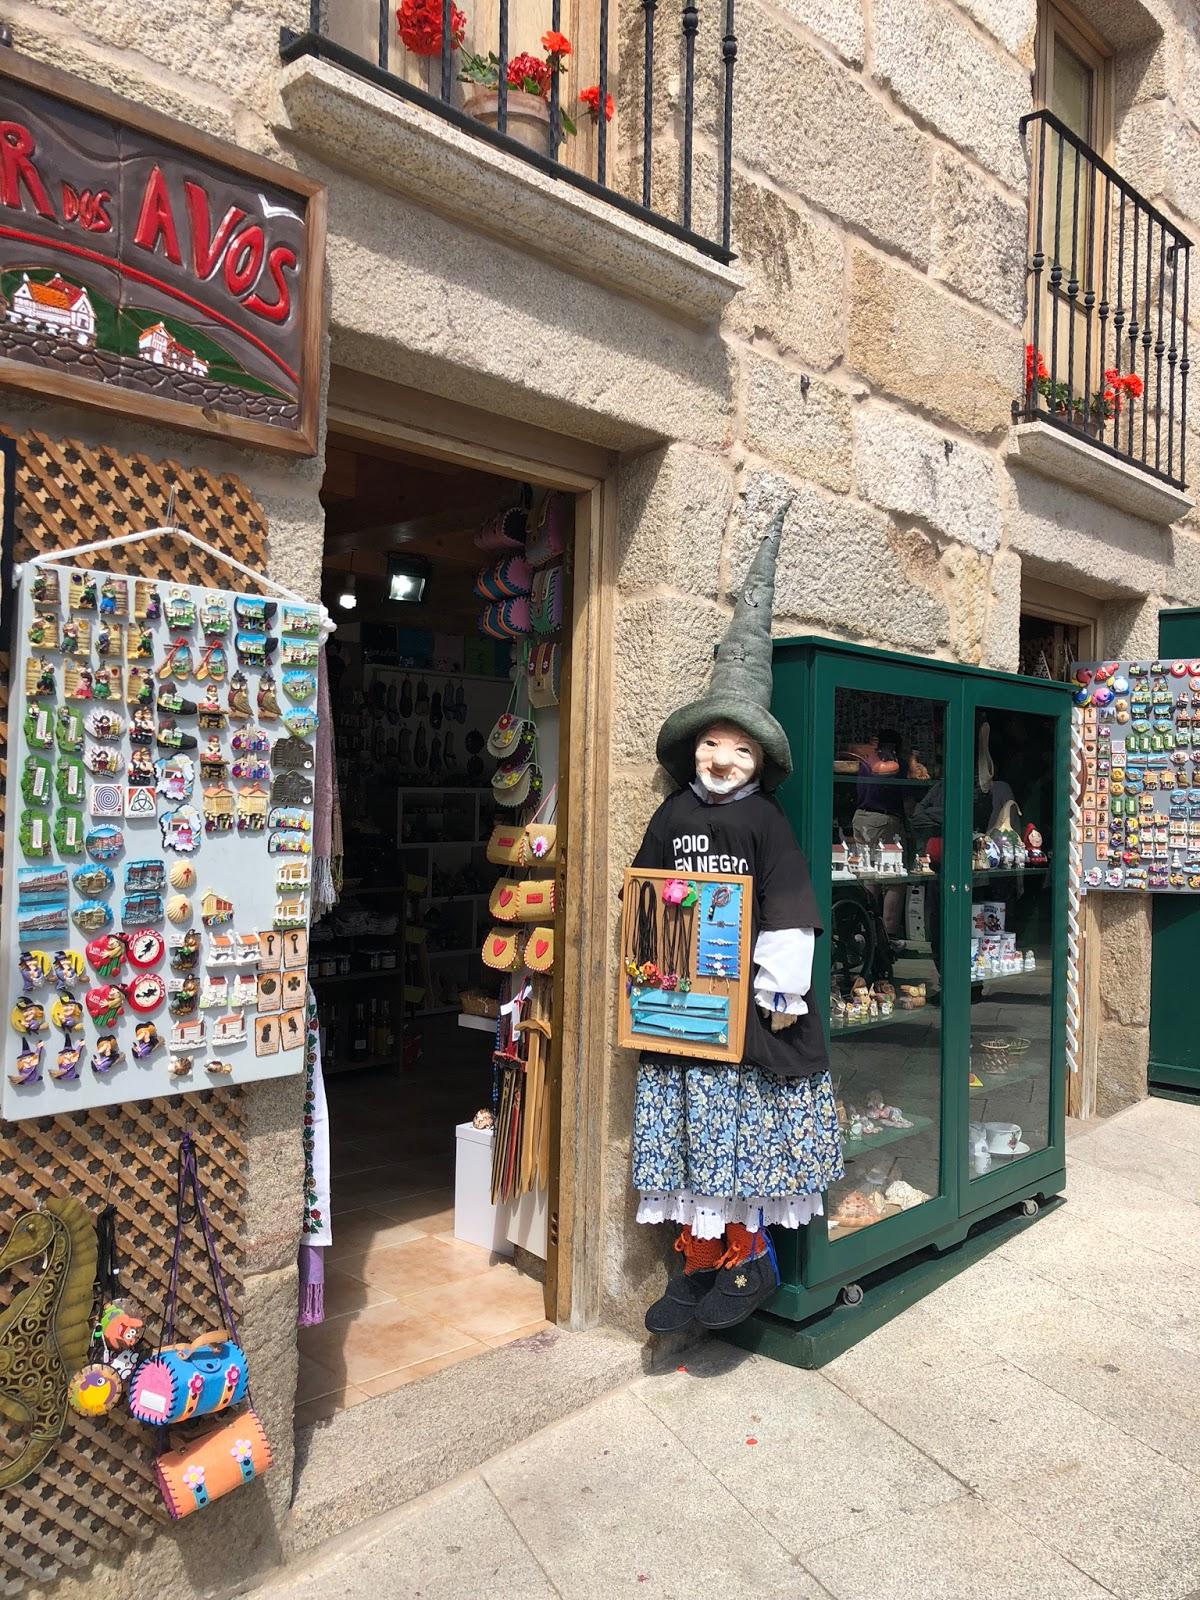 Meu aniversário em Combarro, Espanha